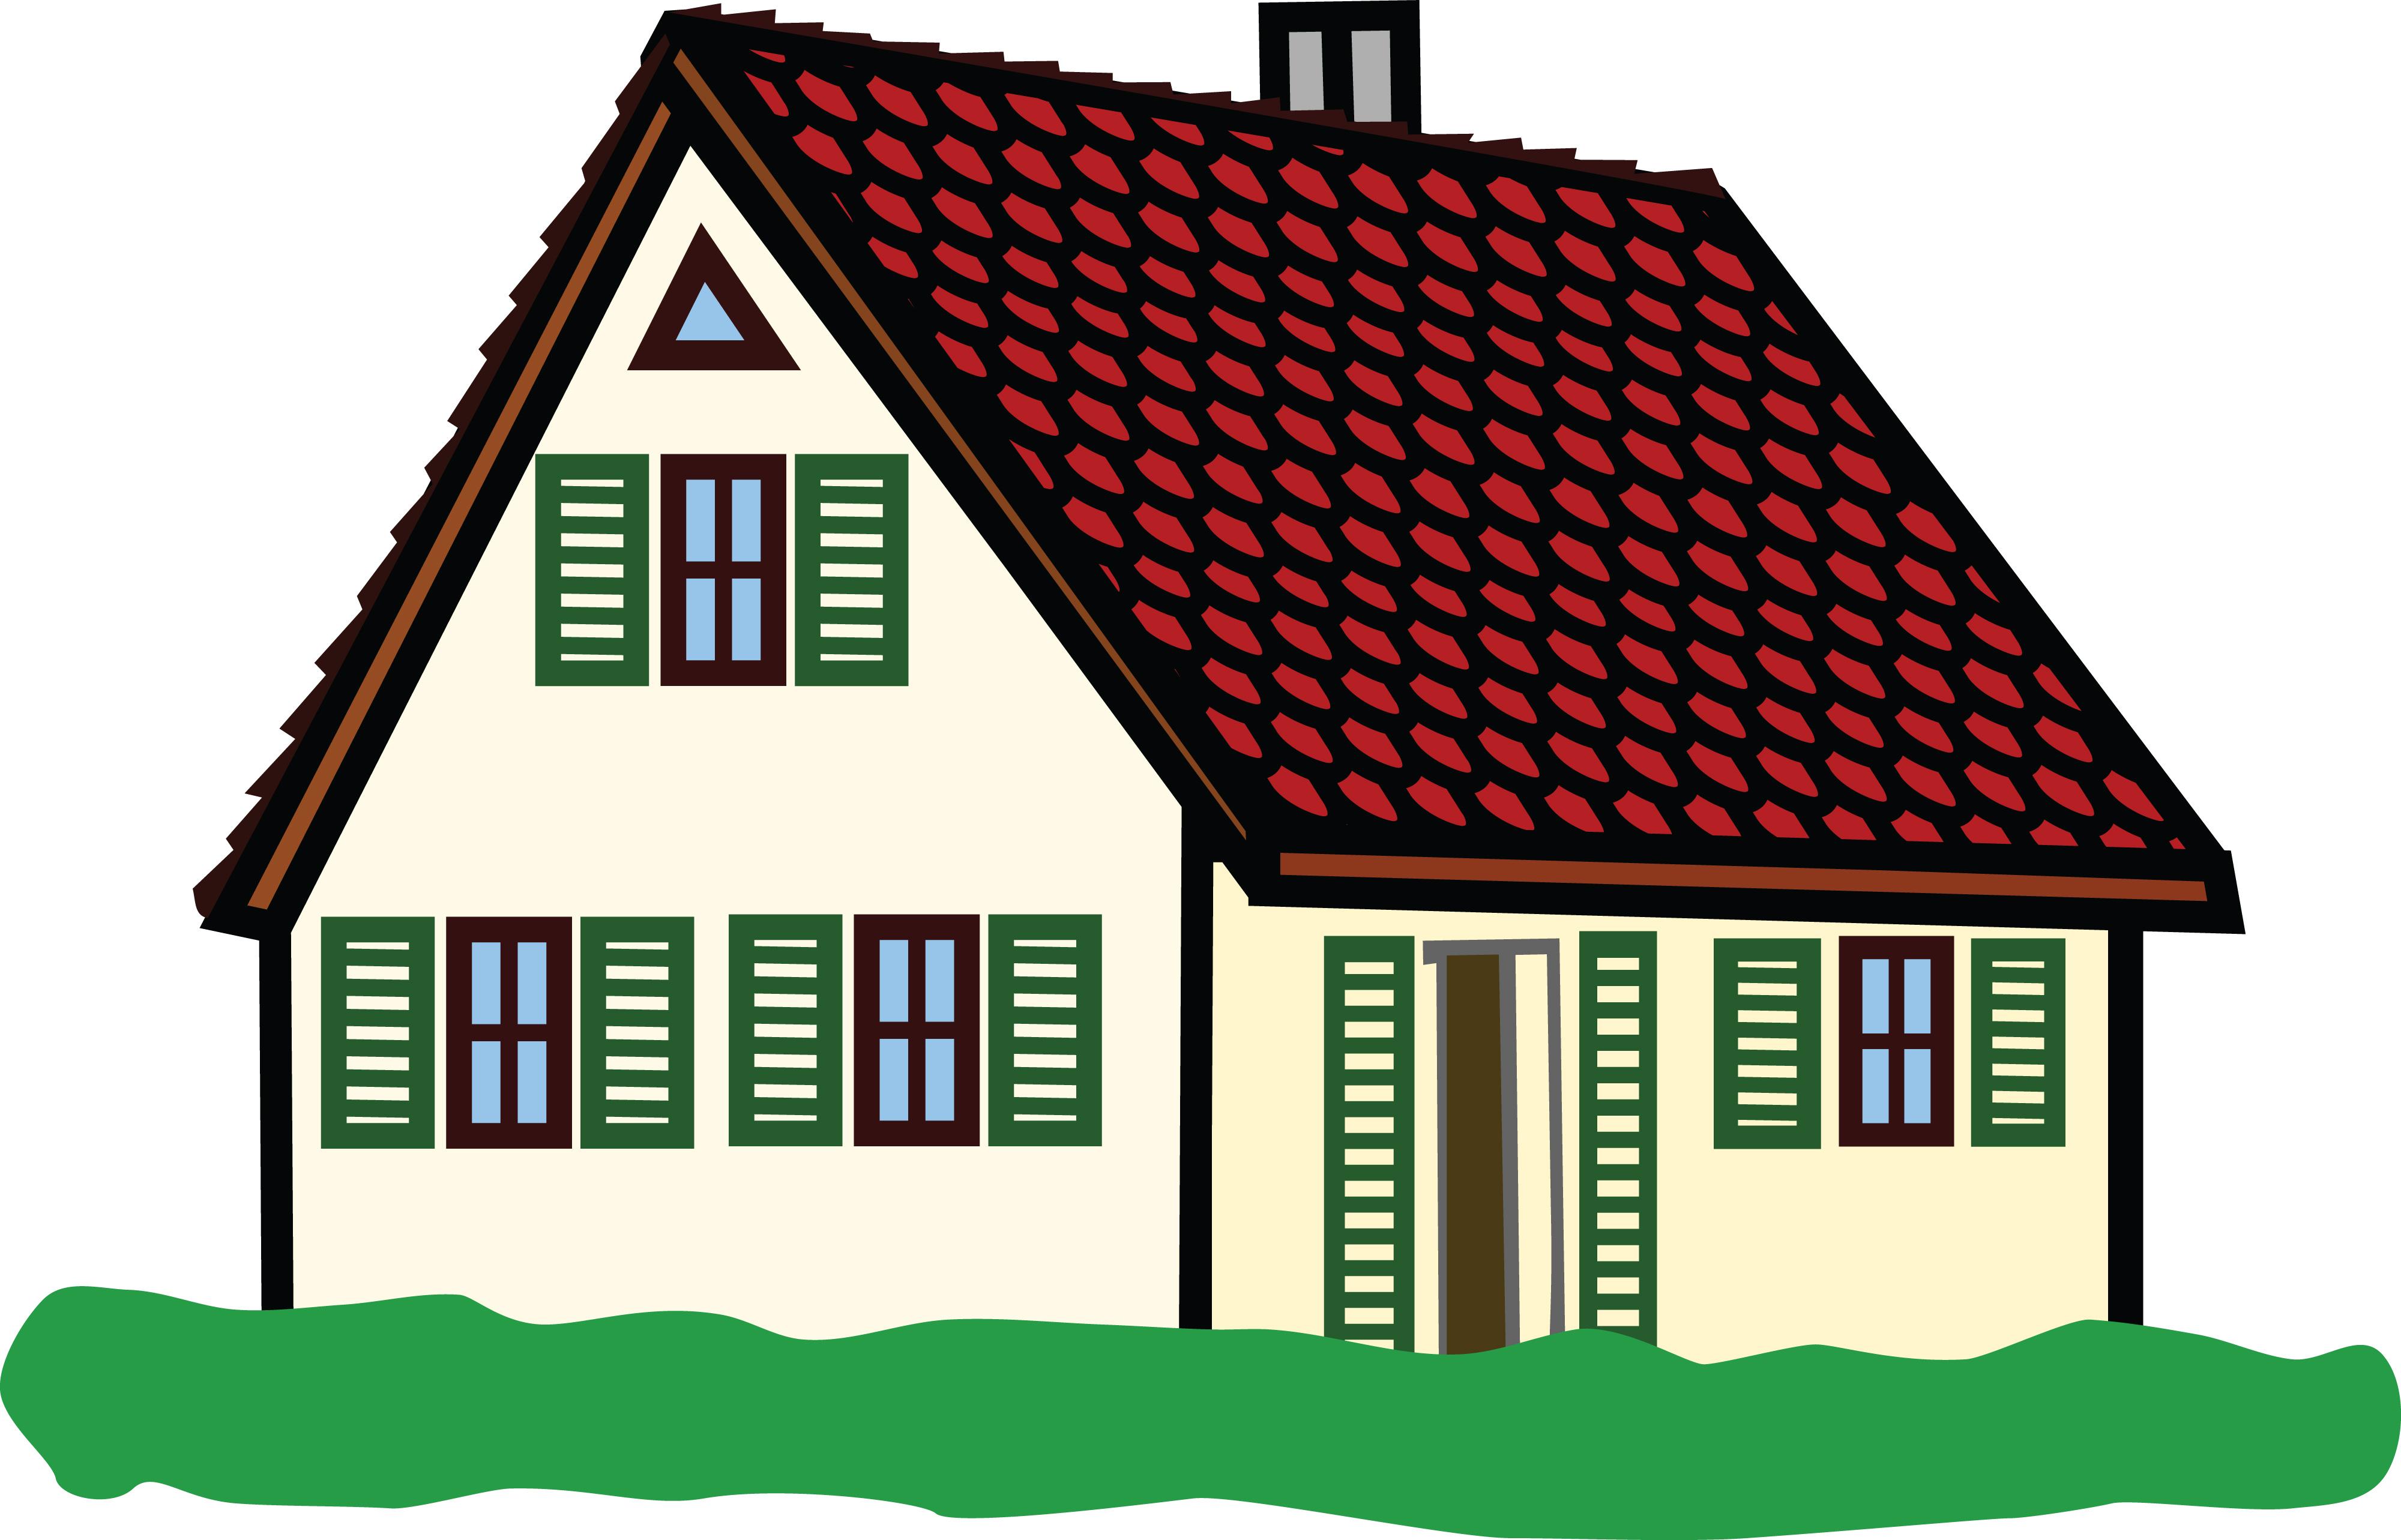 free clipart of a house rh free clipartof com free clipart house images free clipart housewifes